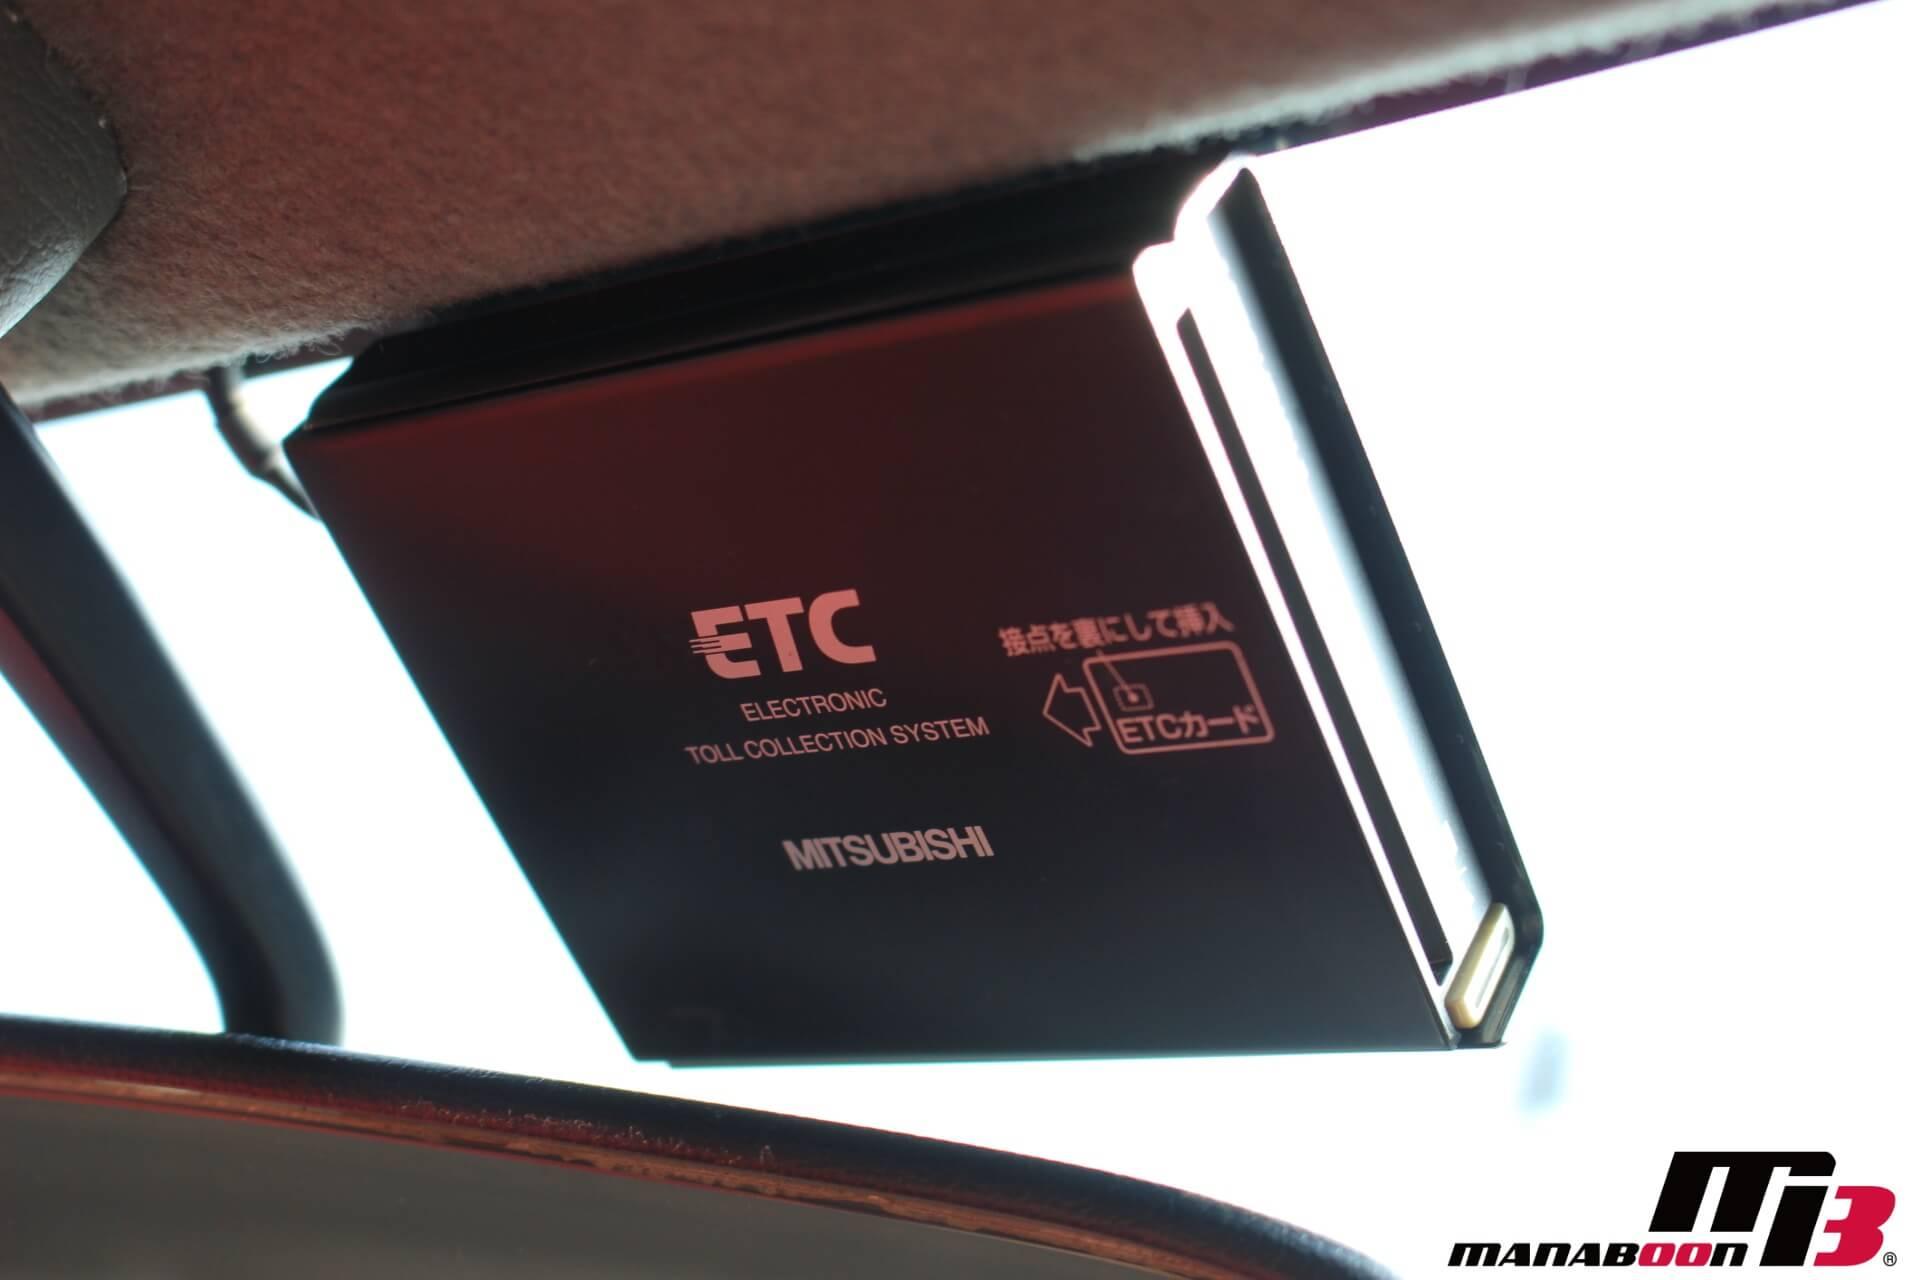 ETC車載器画像